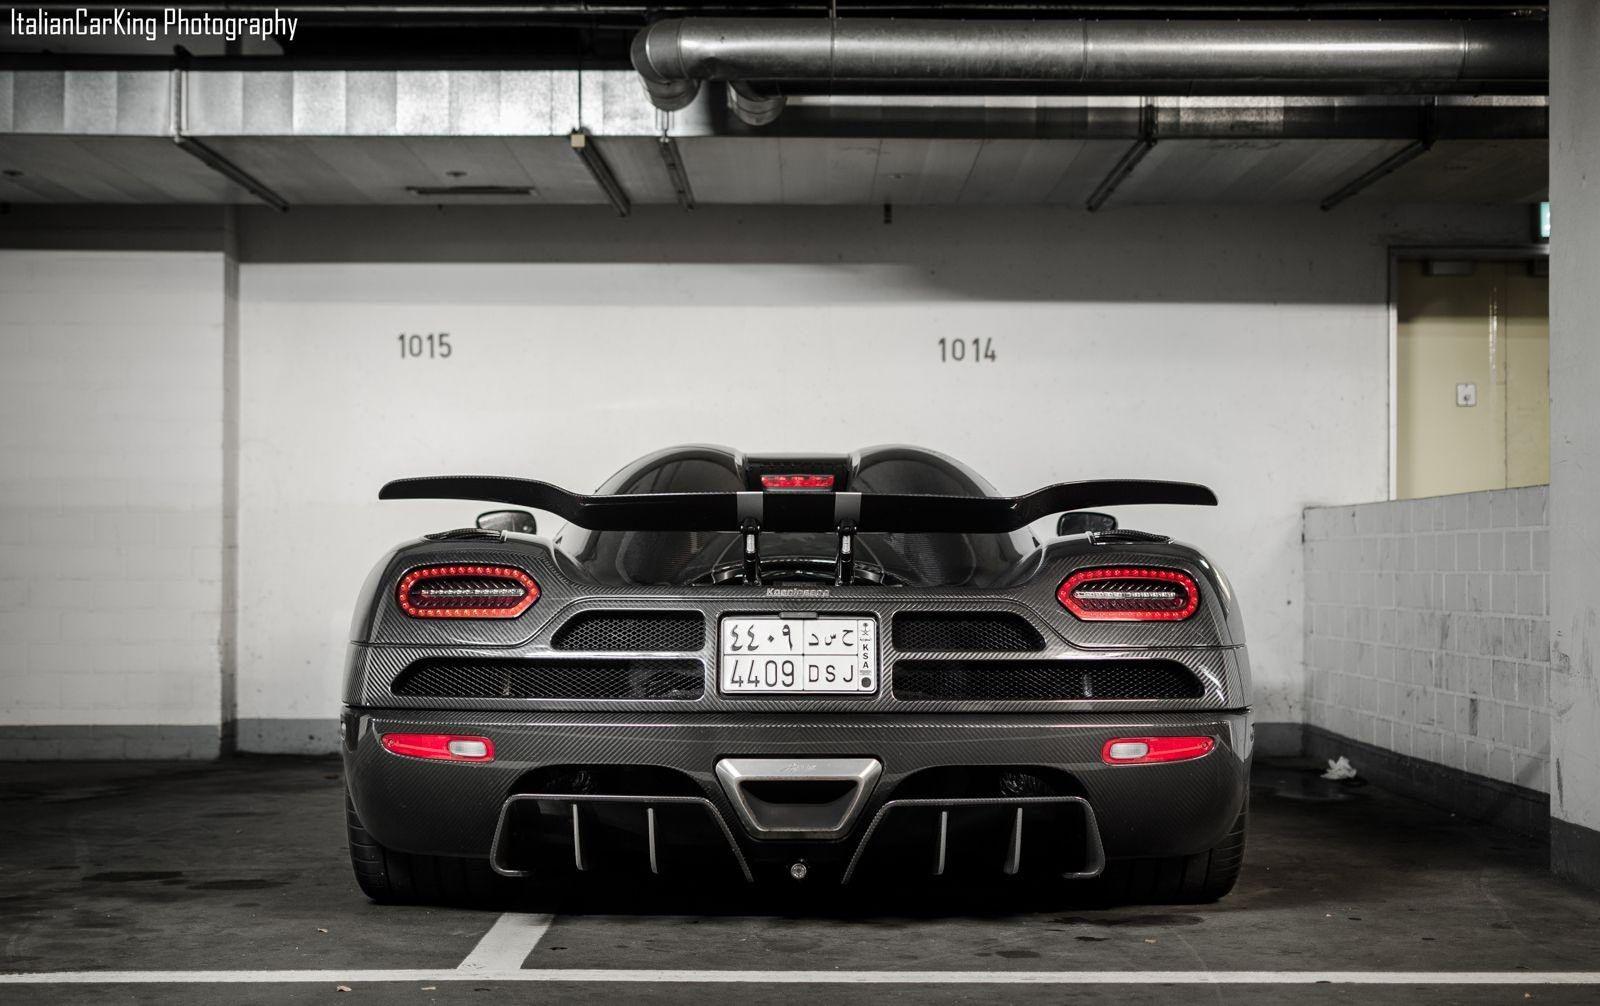 Carbon Fiber Koenigsegg Agera R In Underground Parking Garage Rear